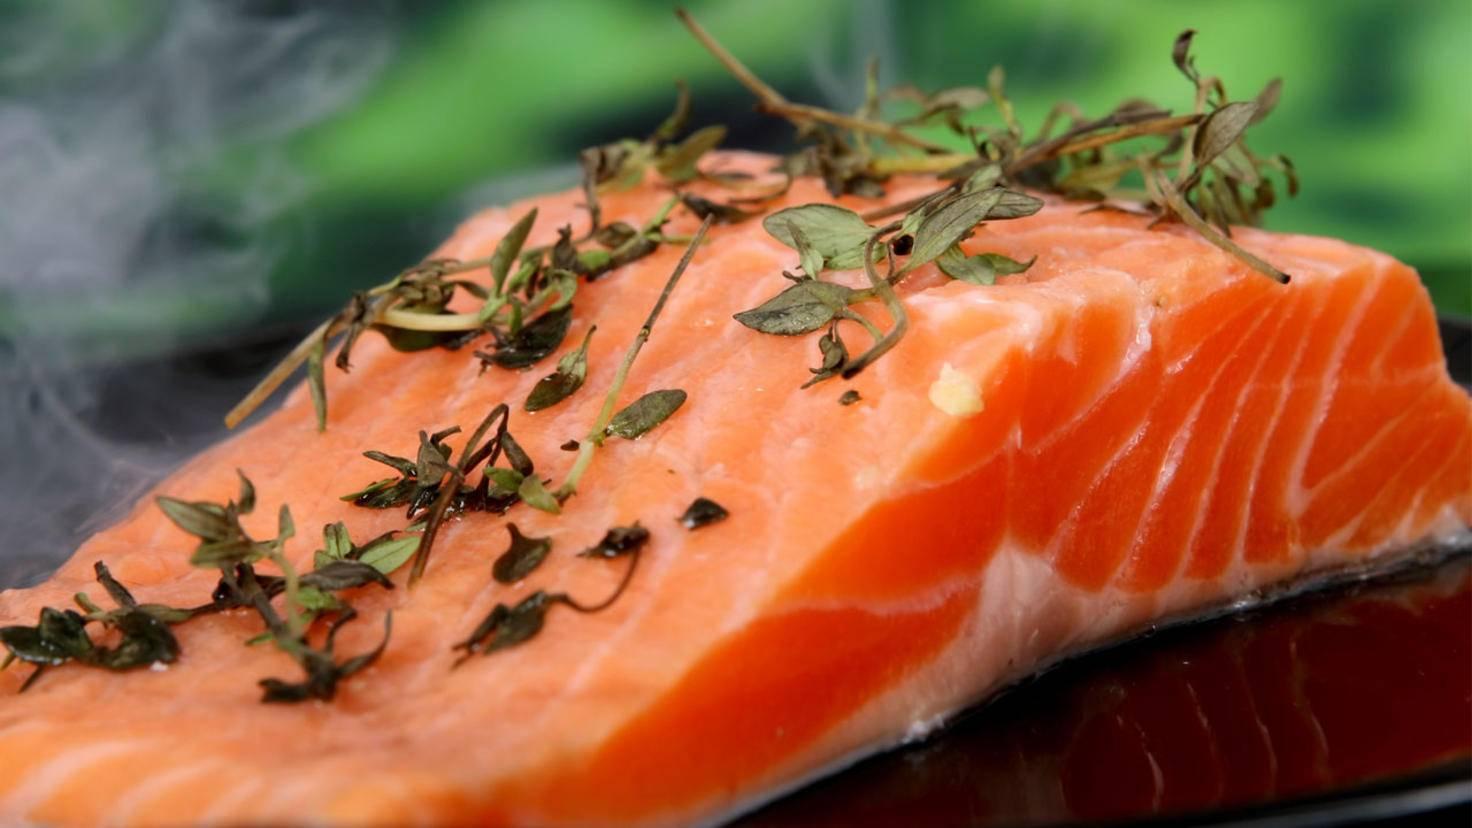 Lachs und andere Fischsorten sind ebenfalls gute Omega-3-Lieferanten.